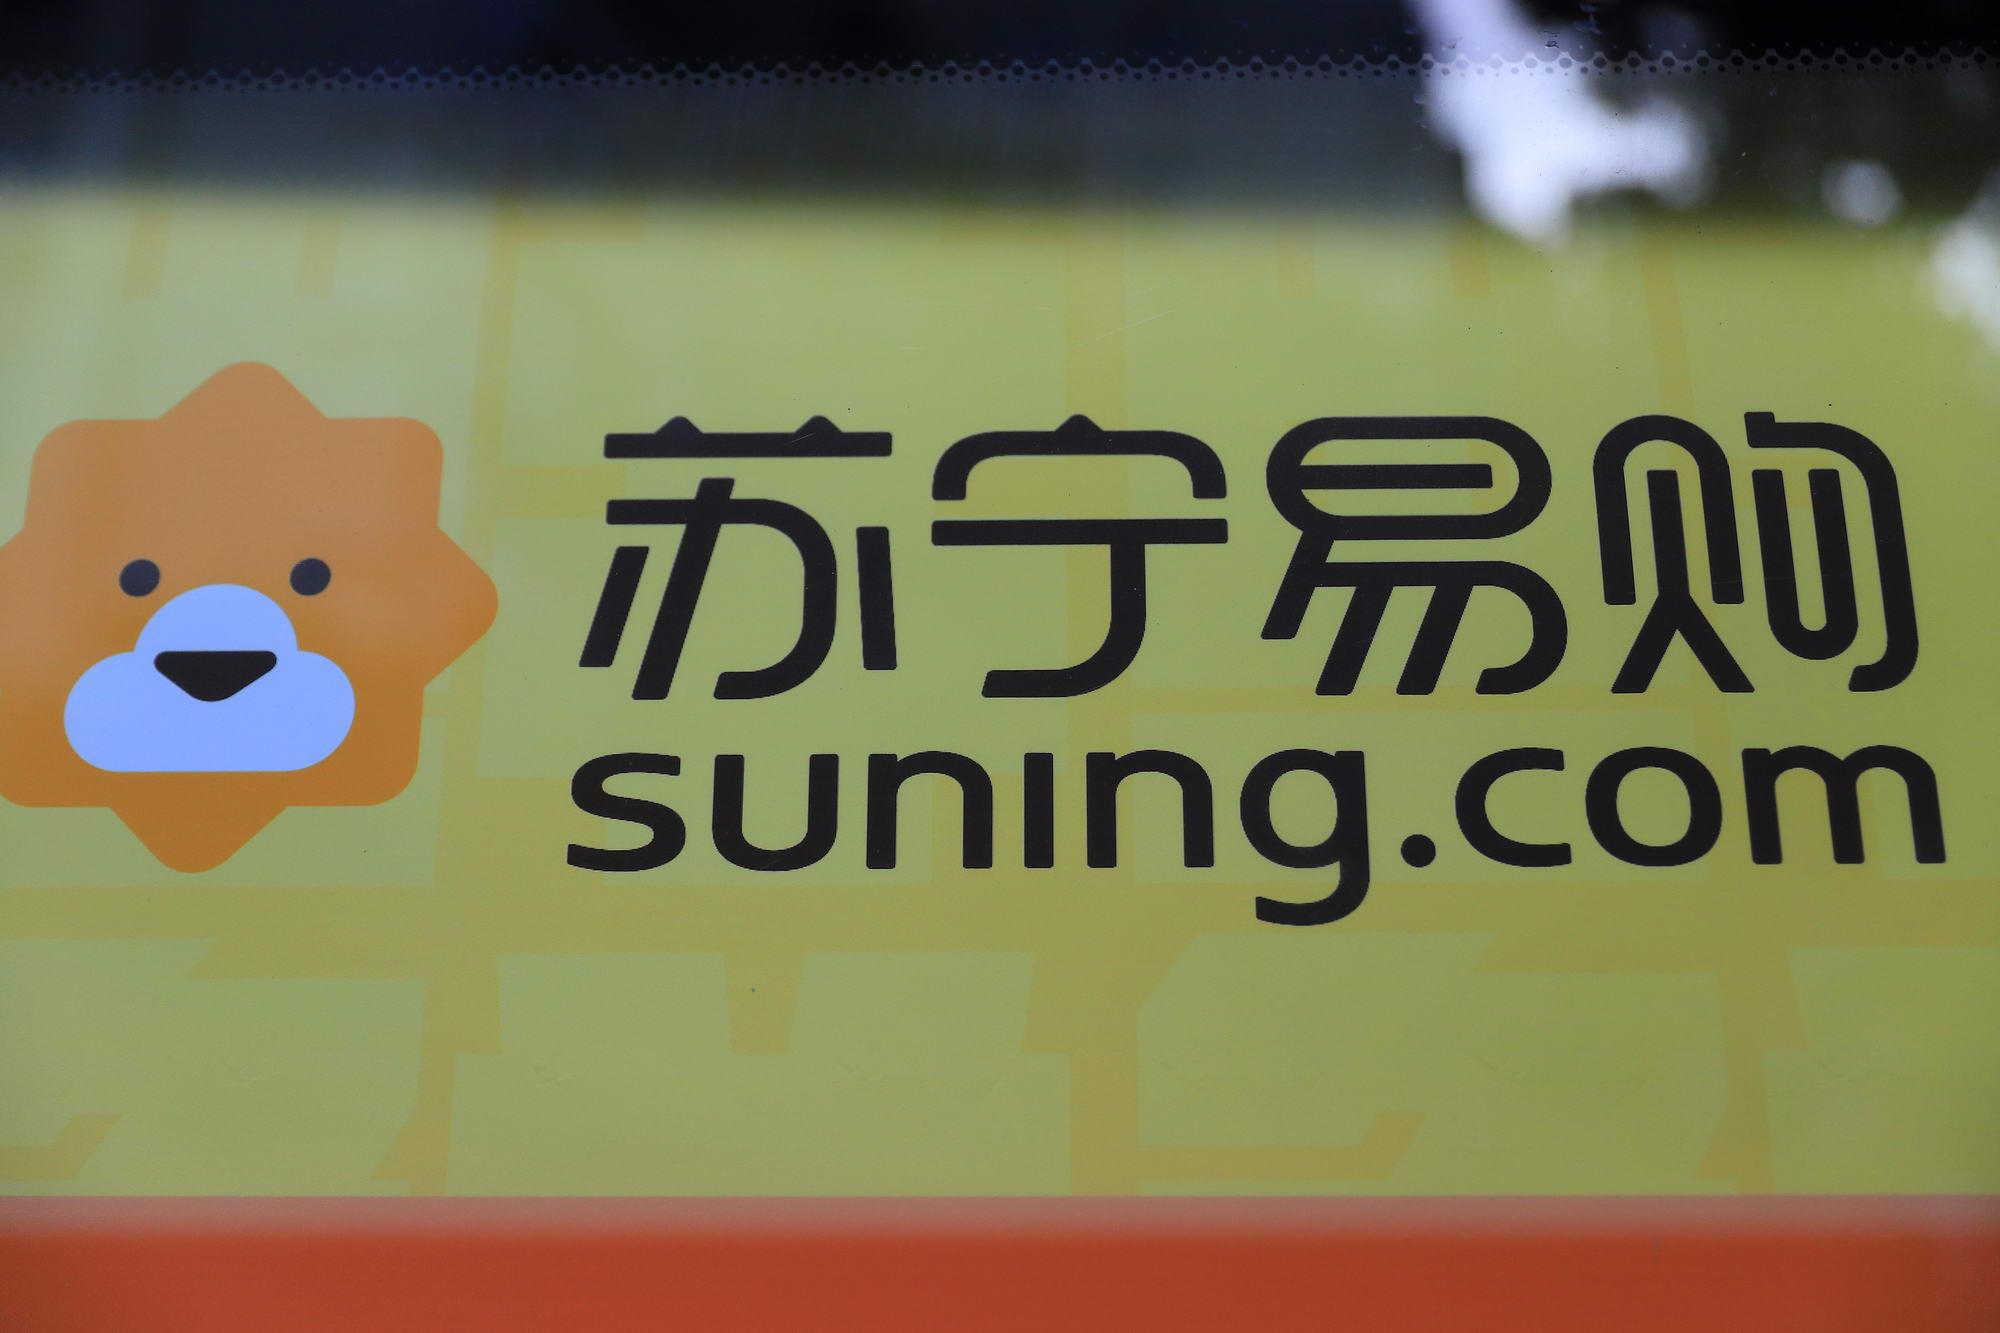 苏宁零售云:三年内营收规模数百亿级 6月GMV达28亿_零售_电商报